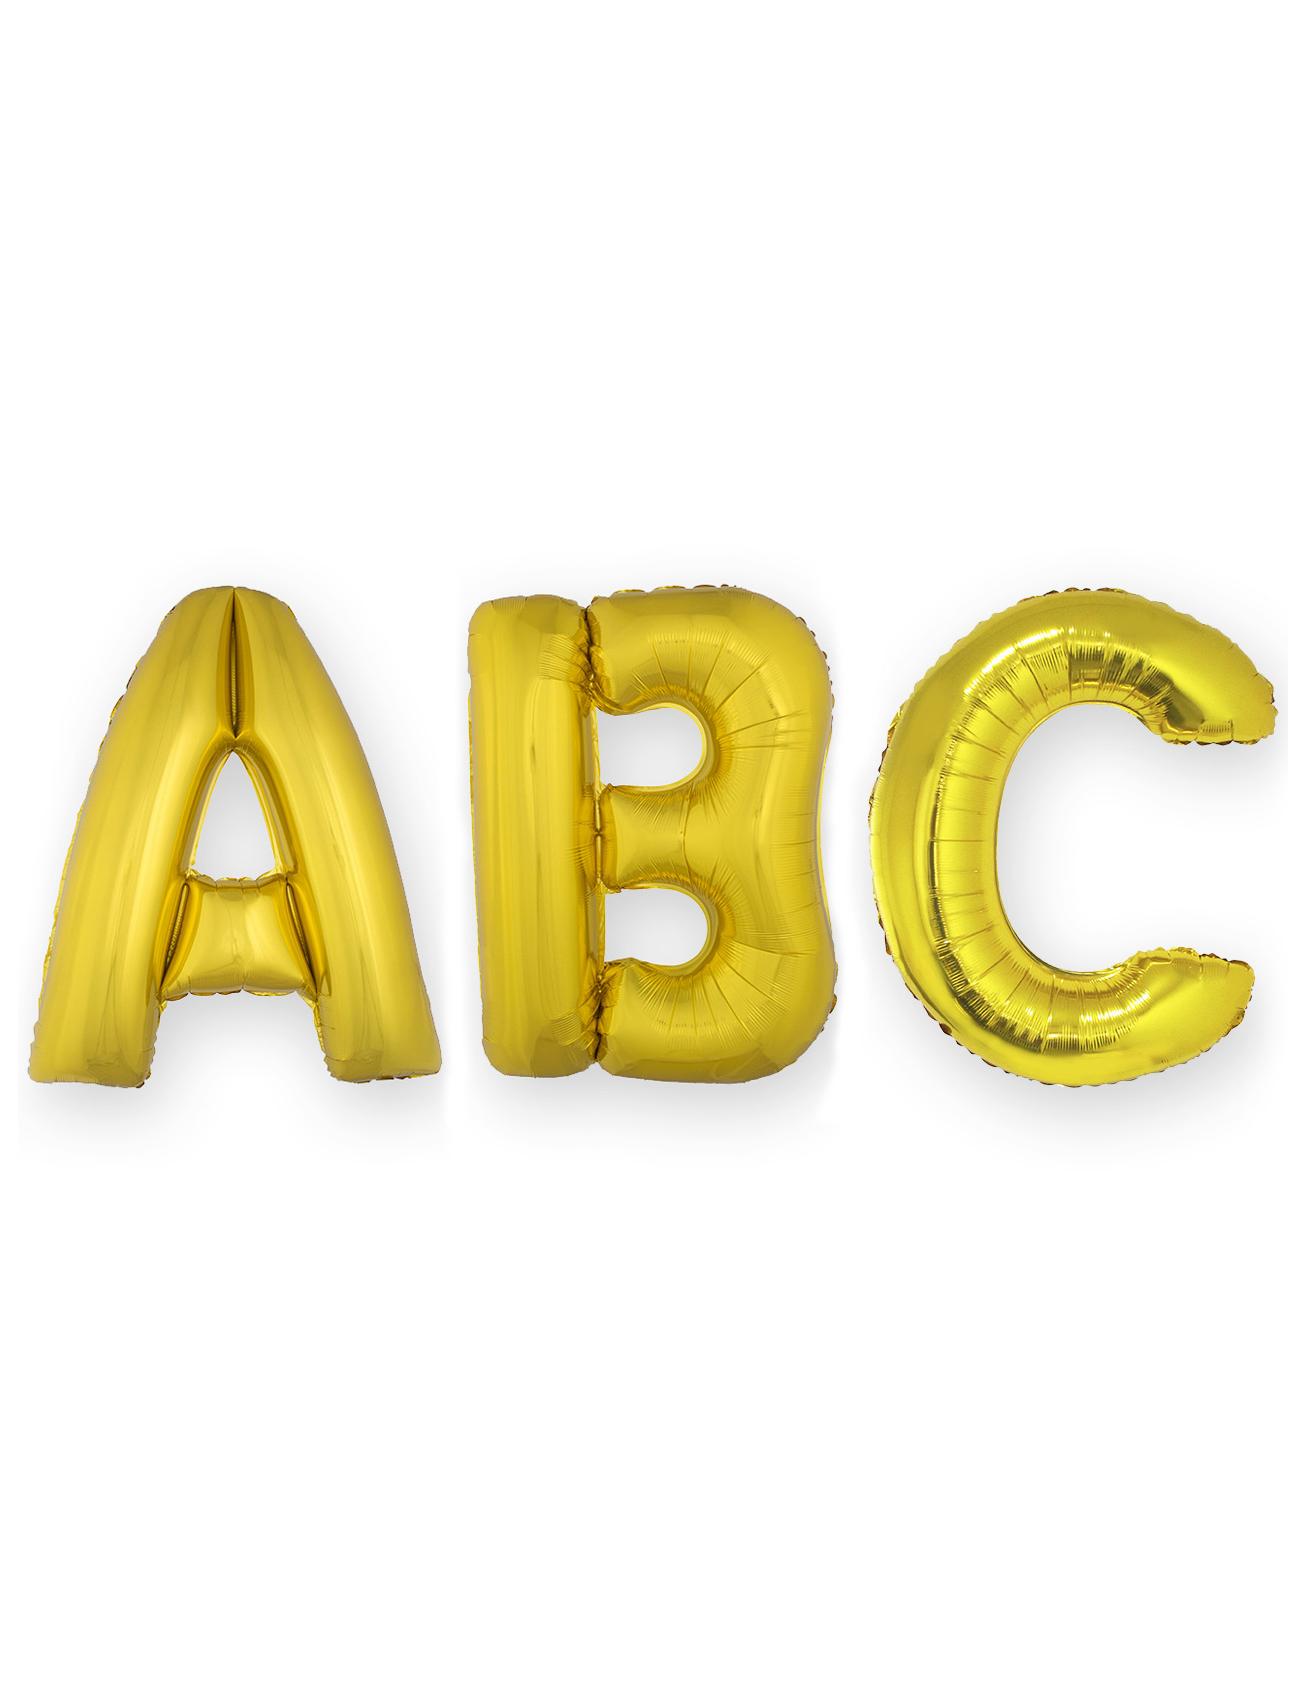 *Aluminium-Ballon mit Zahlen Raumdekoration gold 1m*